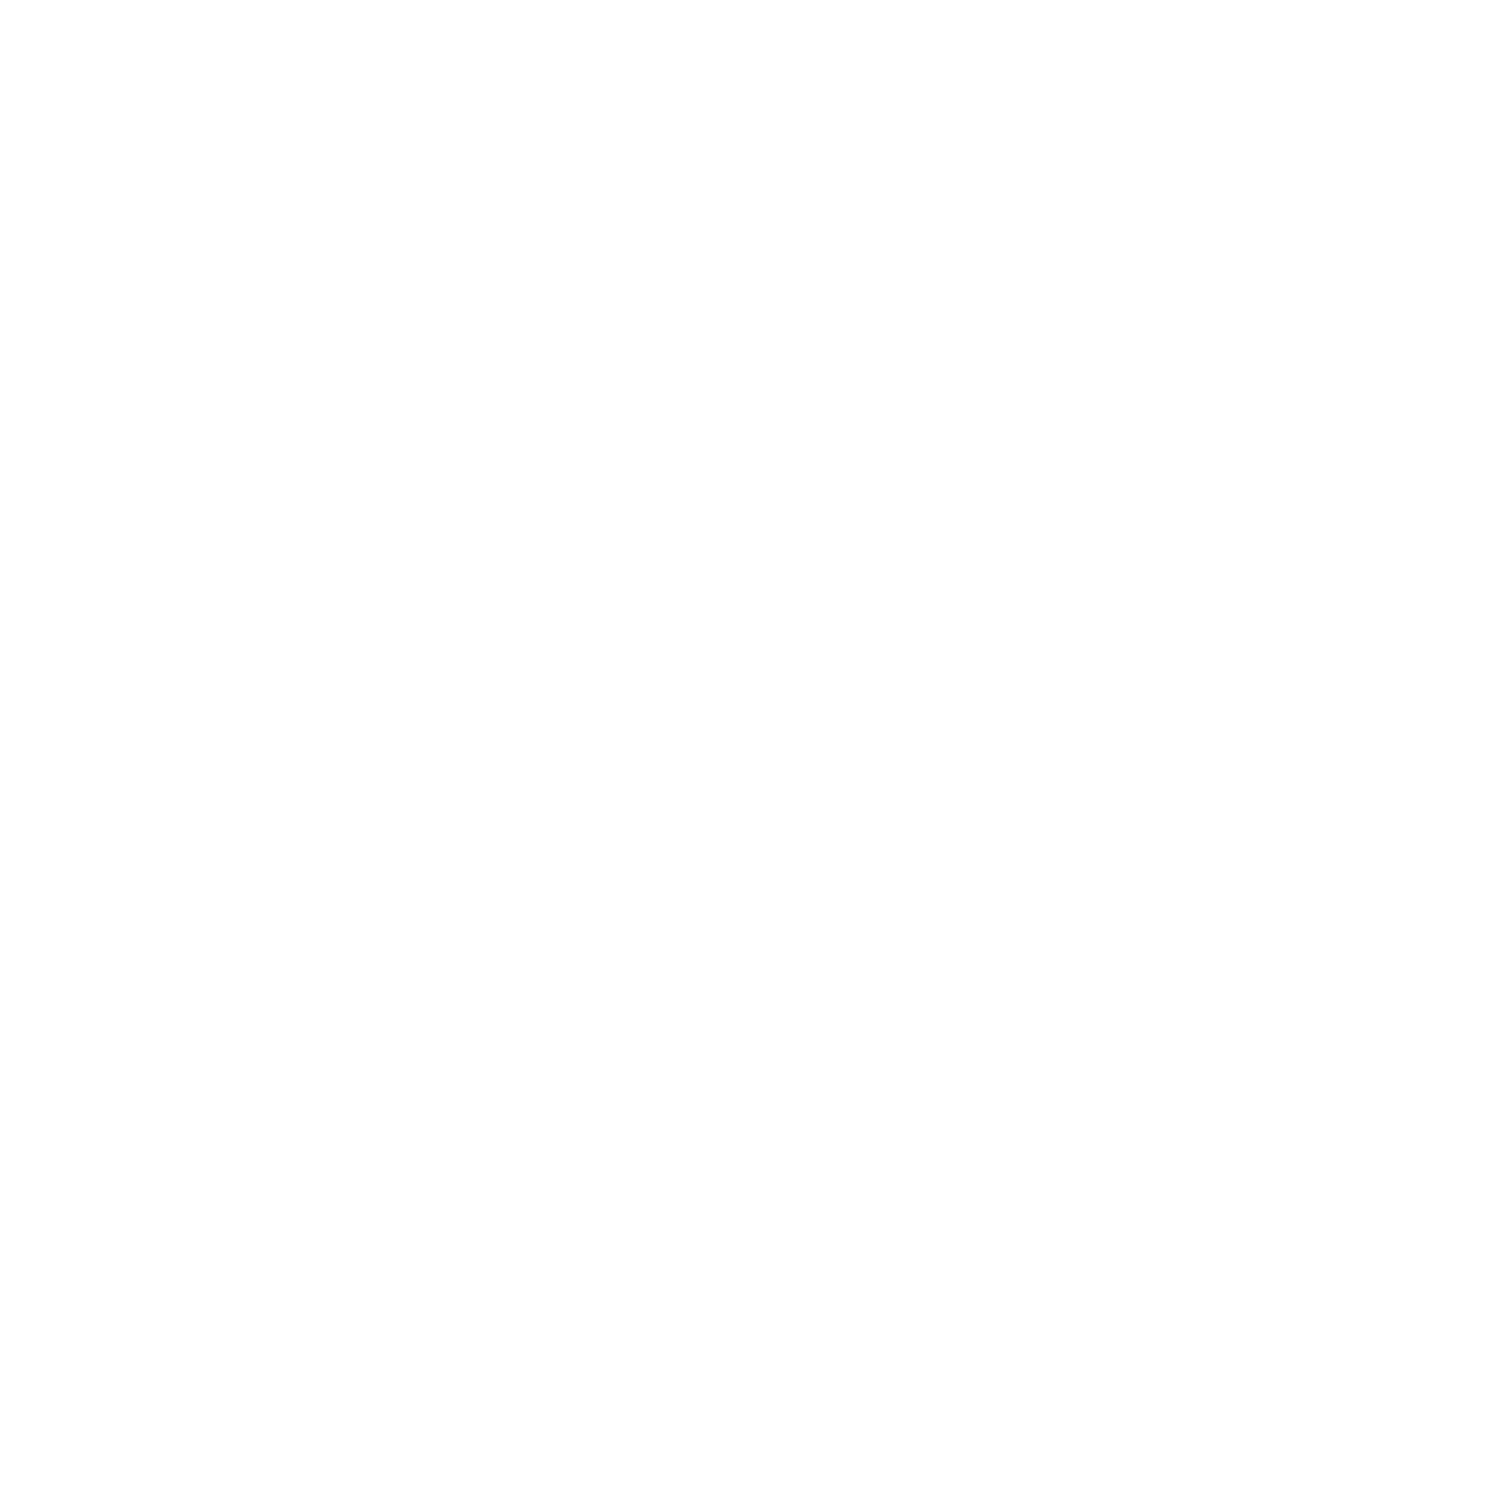 abnegation symbol transparent wwwpixsharkcom images